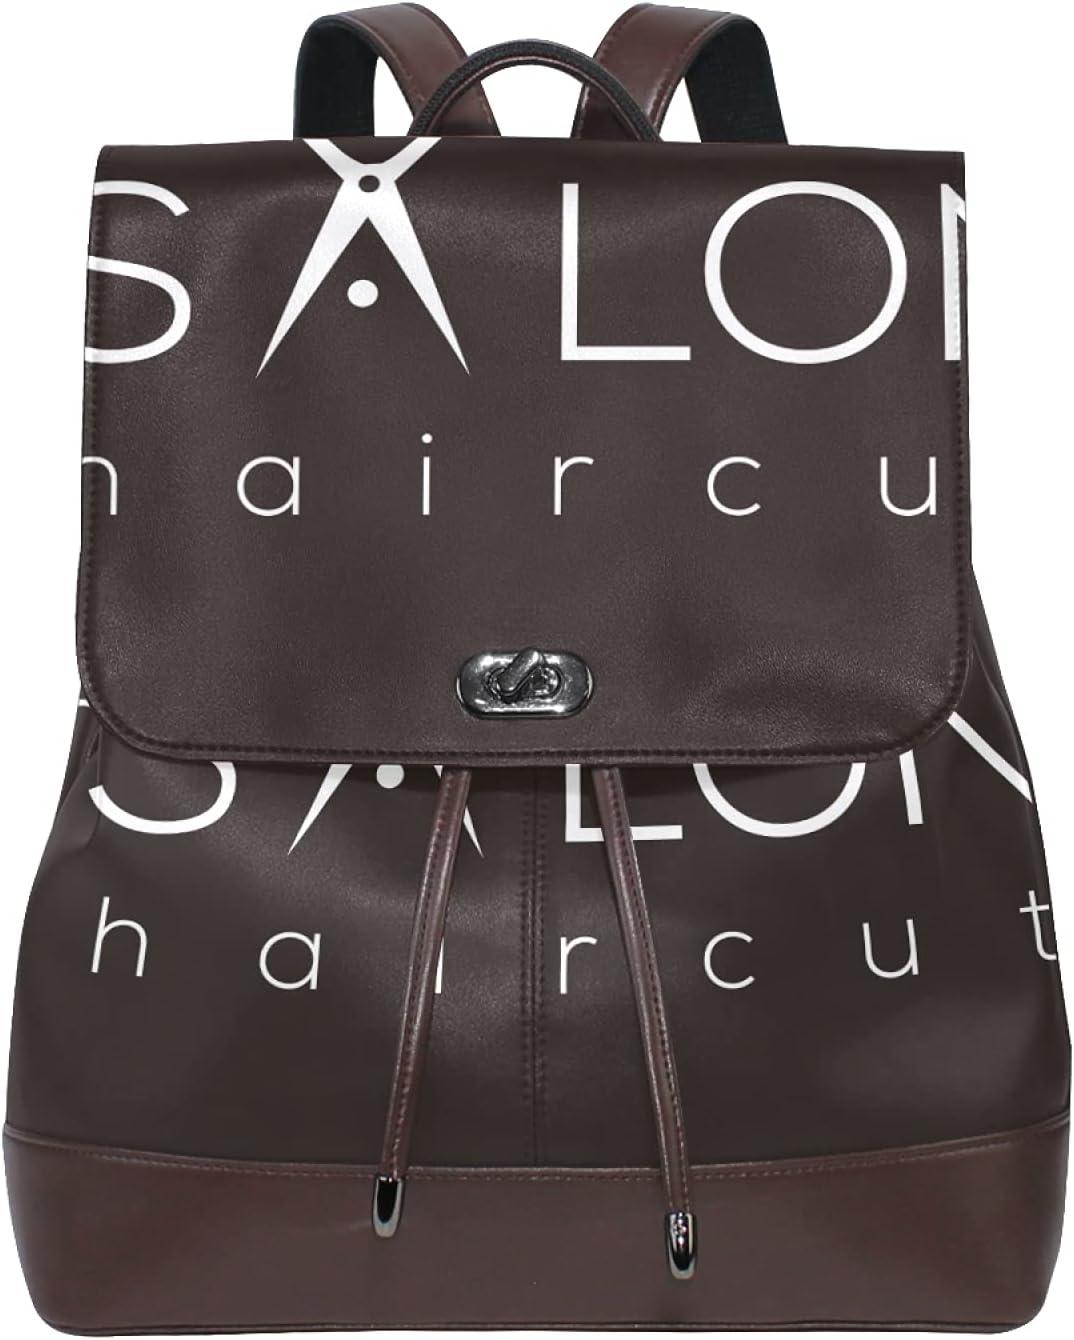 Women Leather Backpack Ladies Fashion Shoulder Bag Large Travel Bag Hair Salon